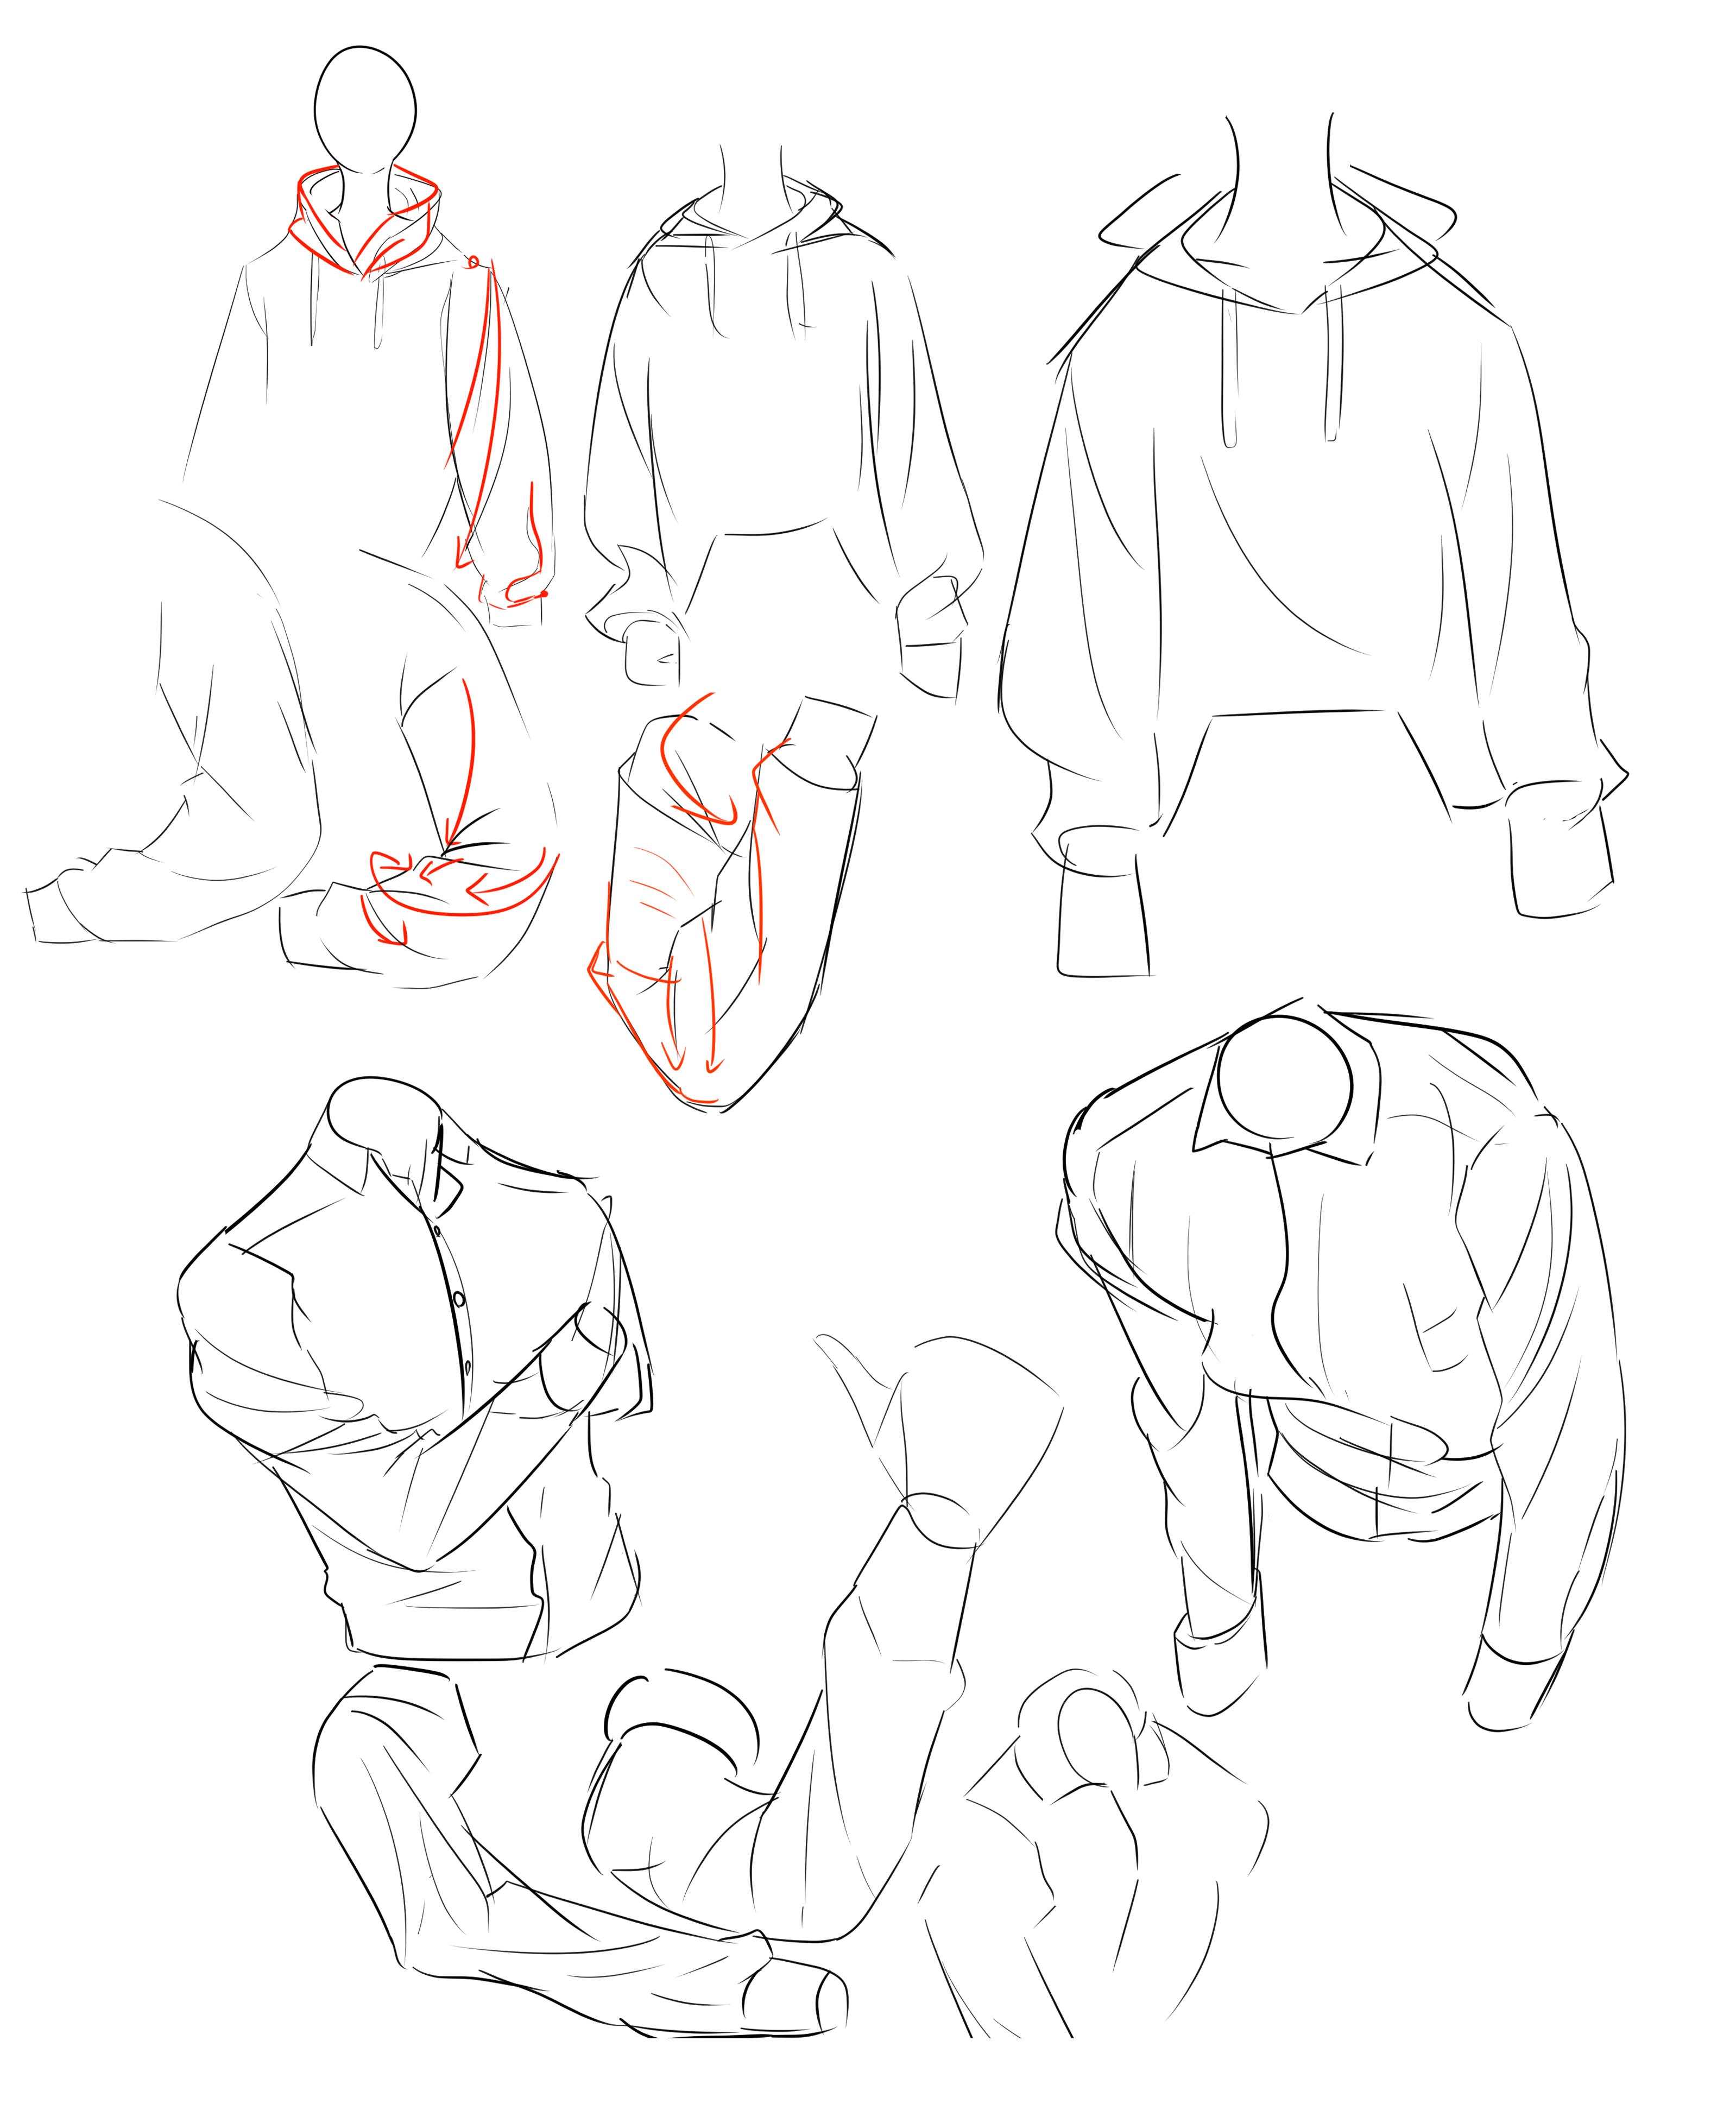 옷 주름 연습